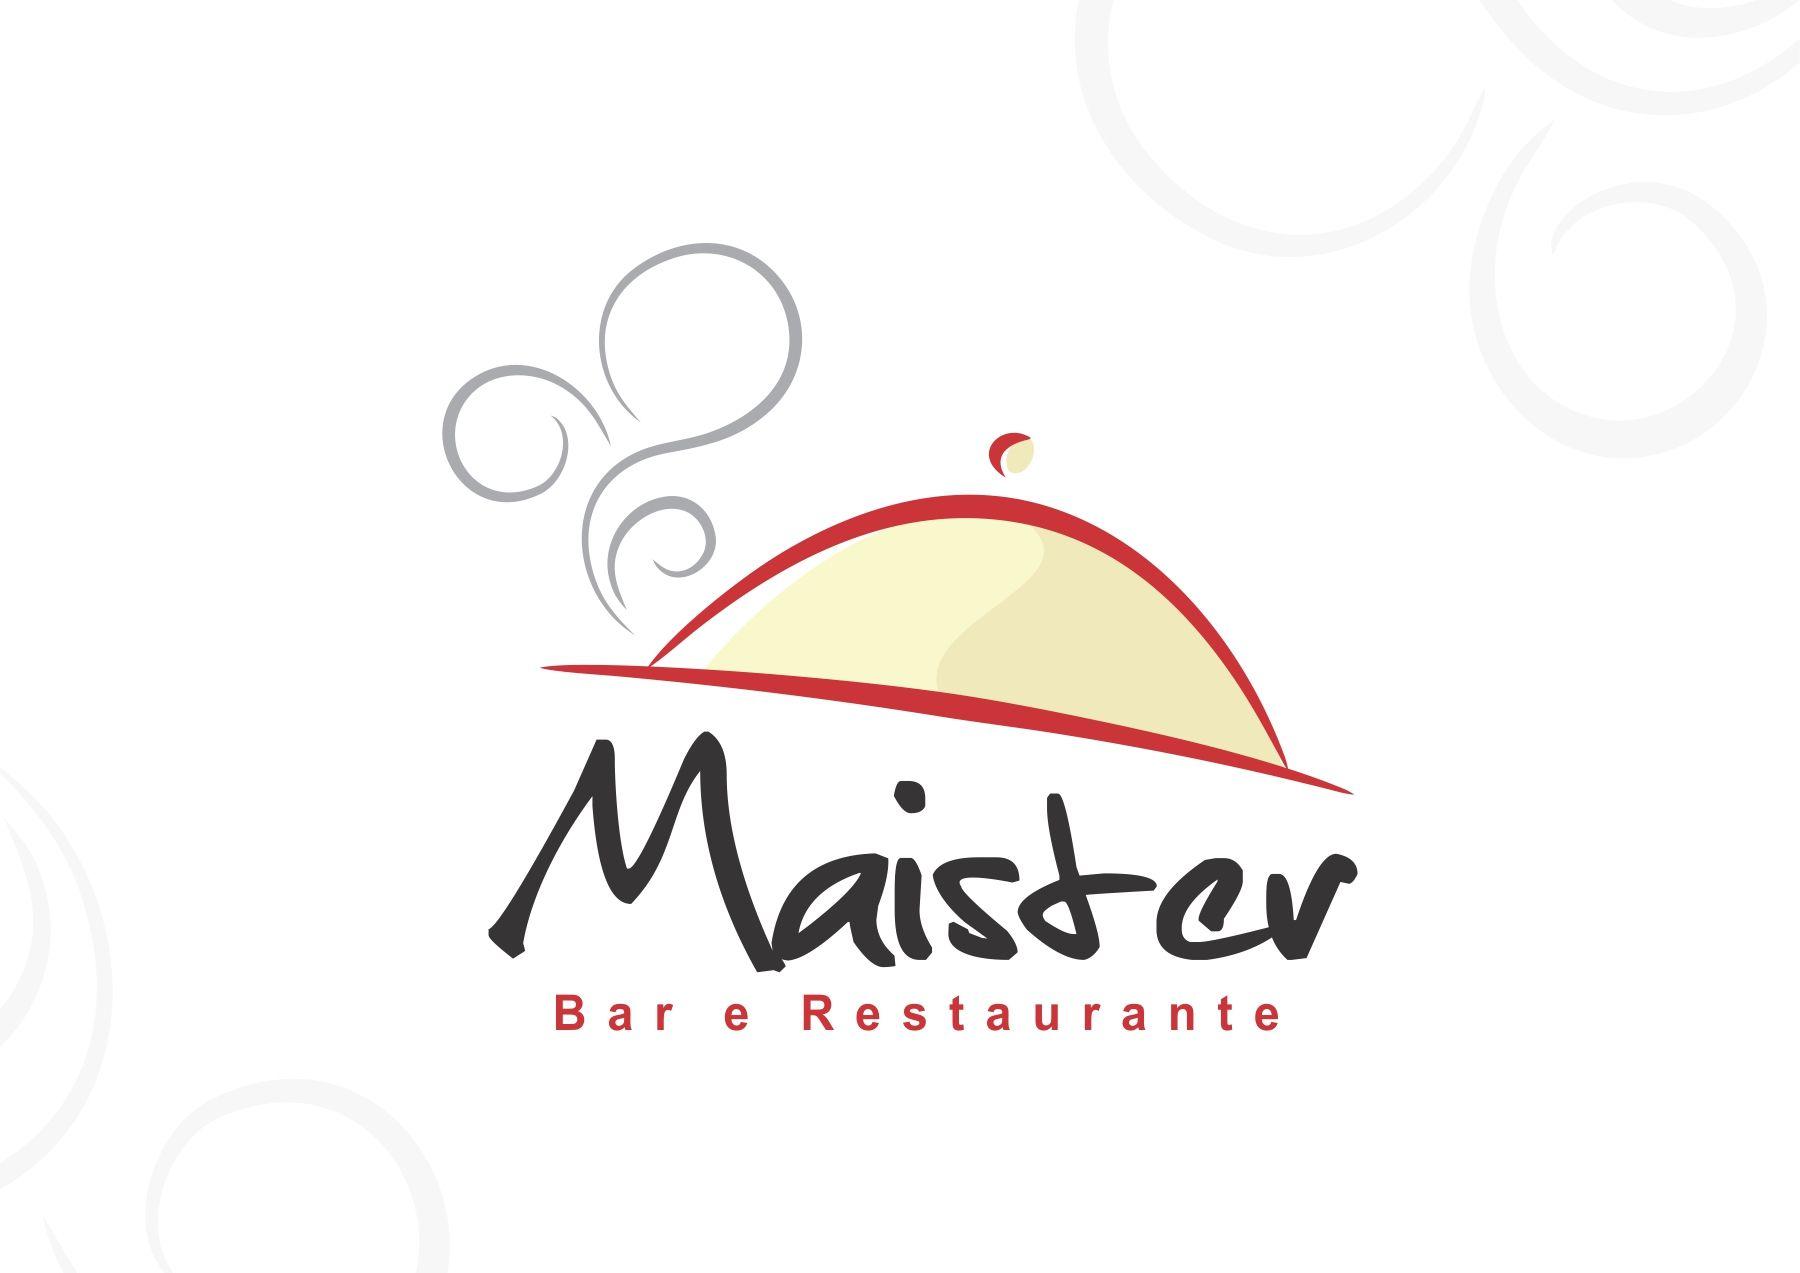 logo para restaurante e bar maister opção 2 logos